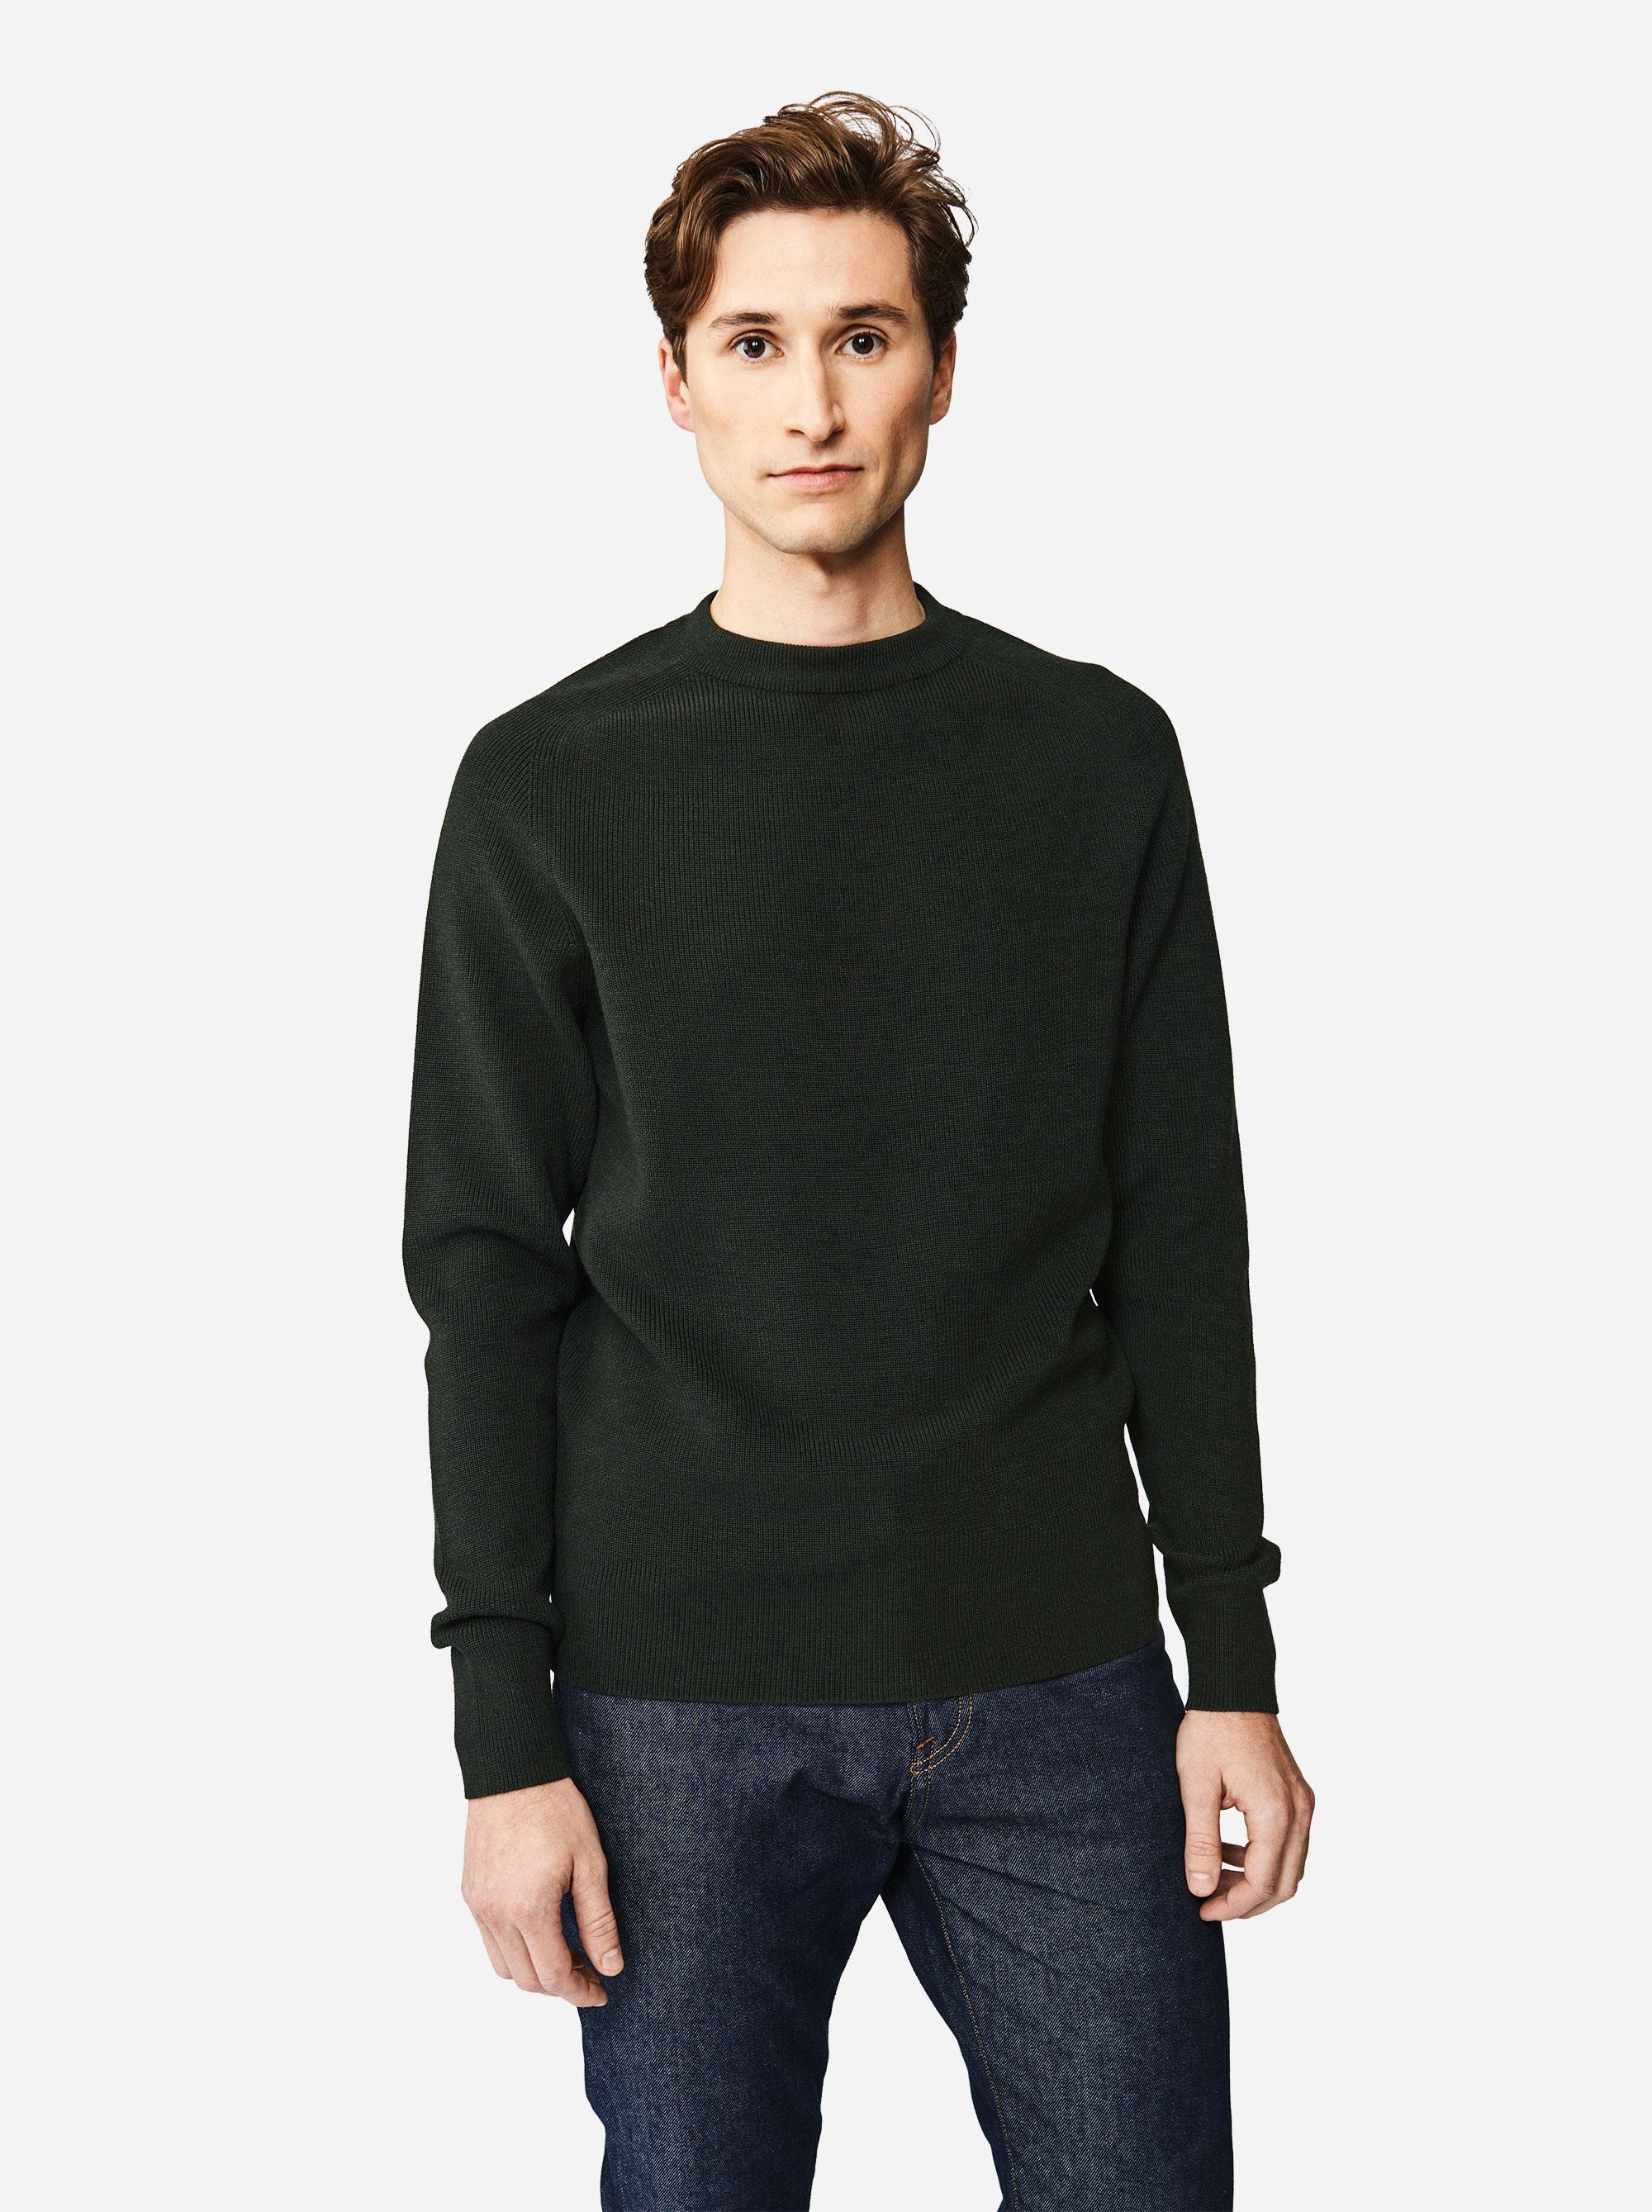 Teym - The Merino Sweater - Men - Green - 3